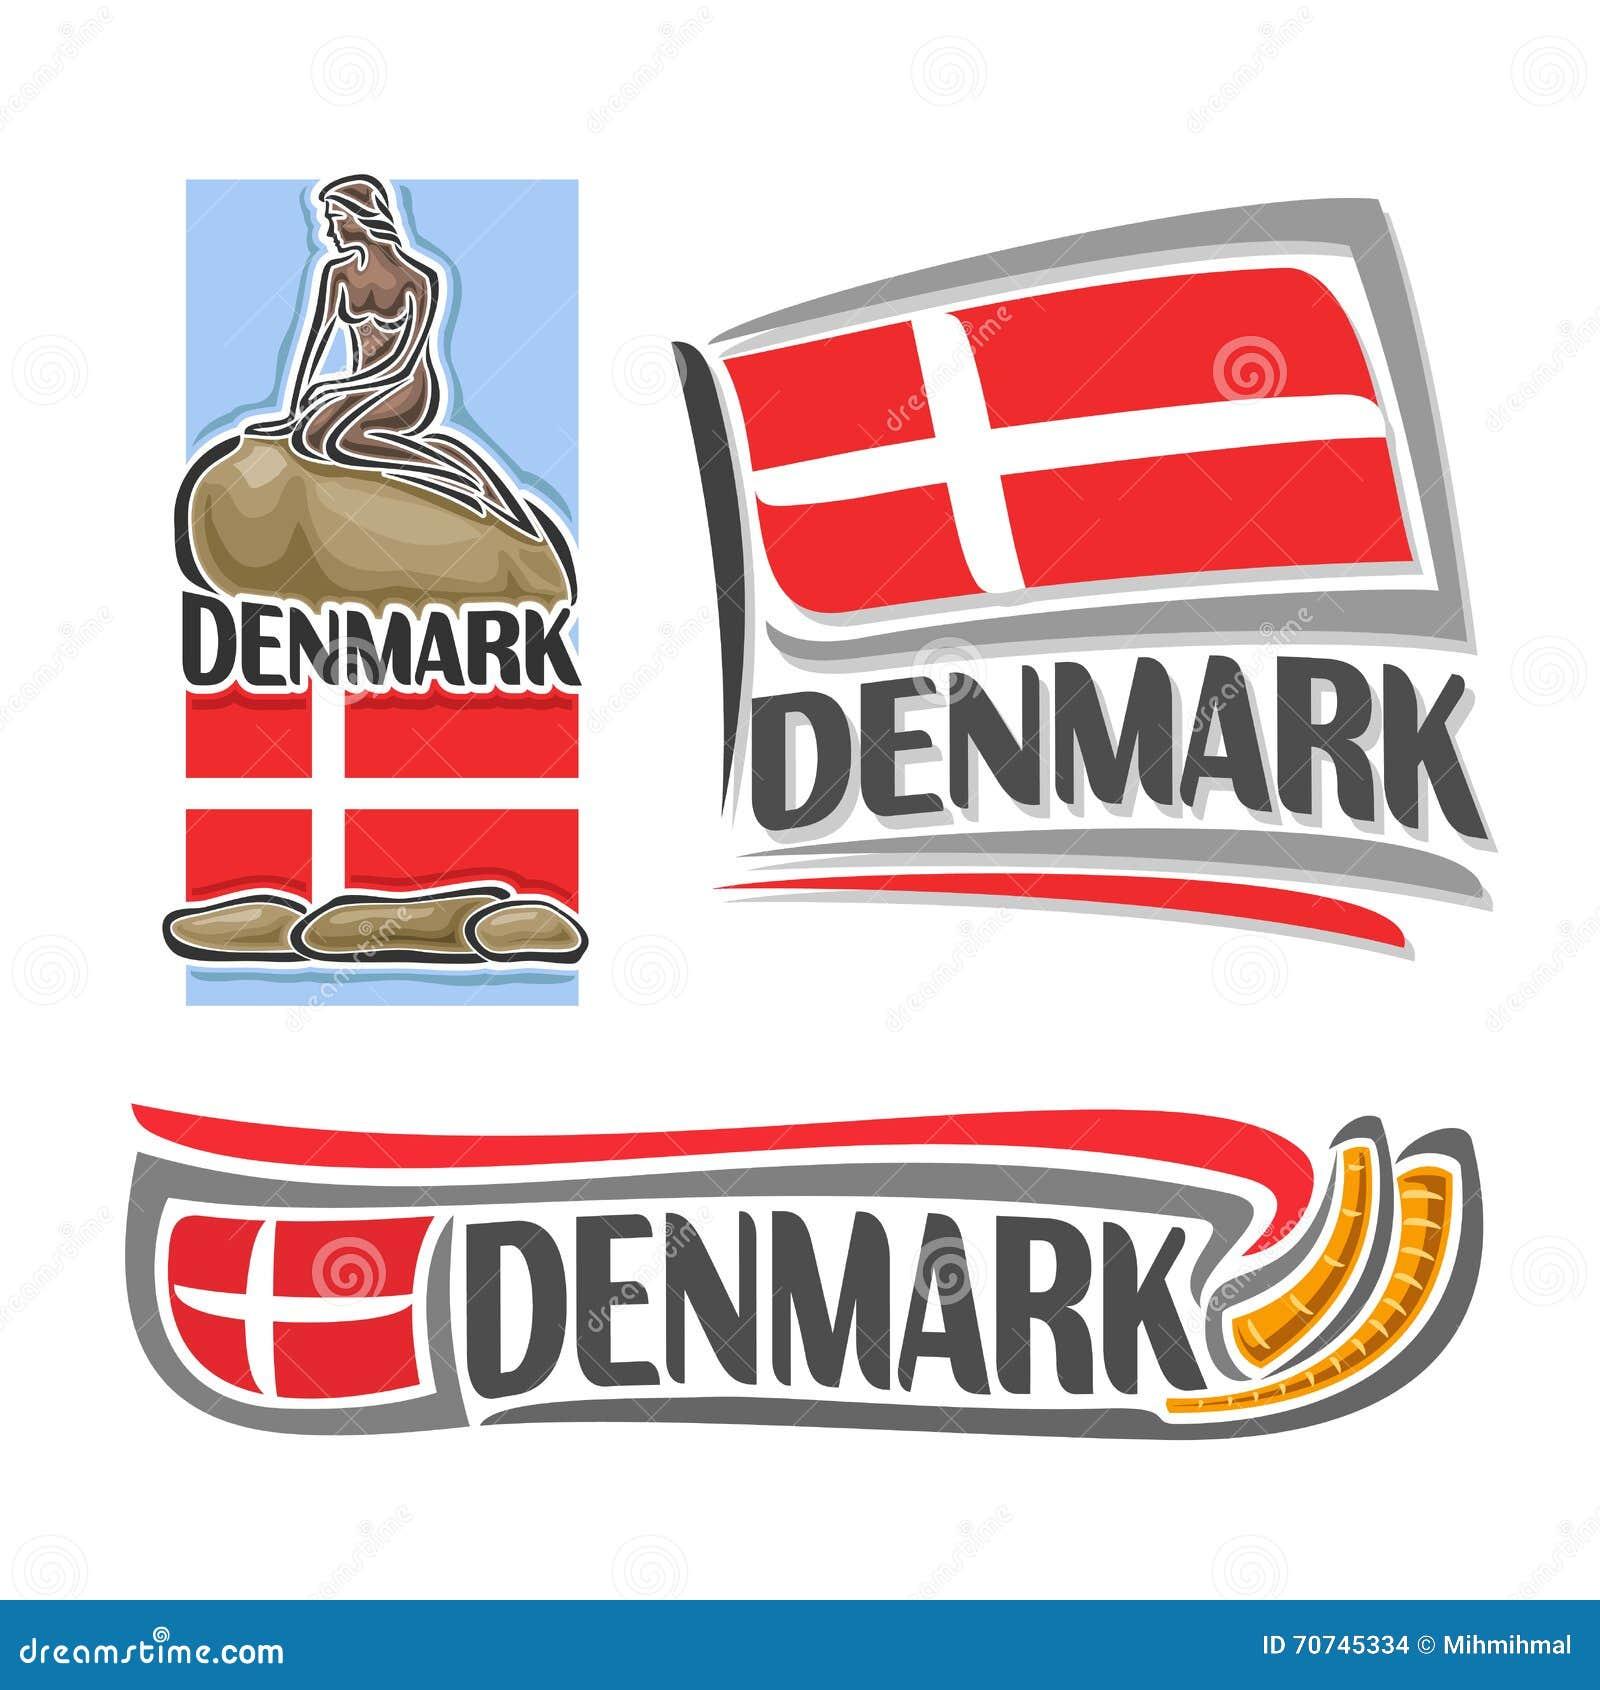 Vector of the logo for Denmark